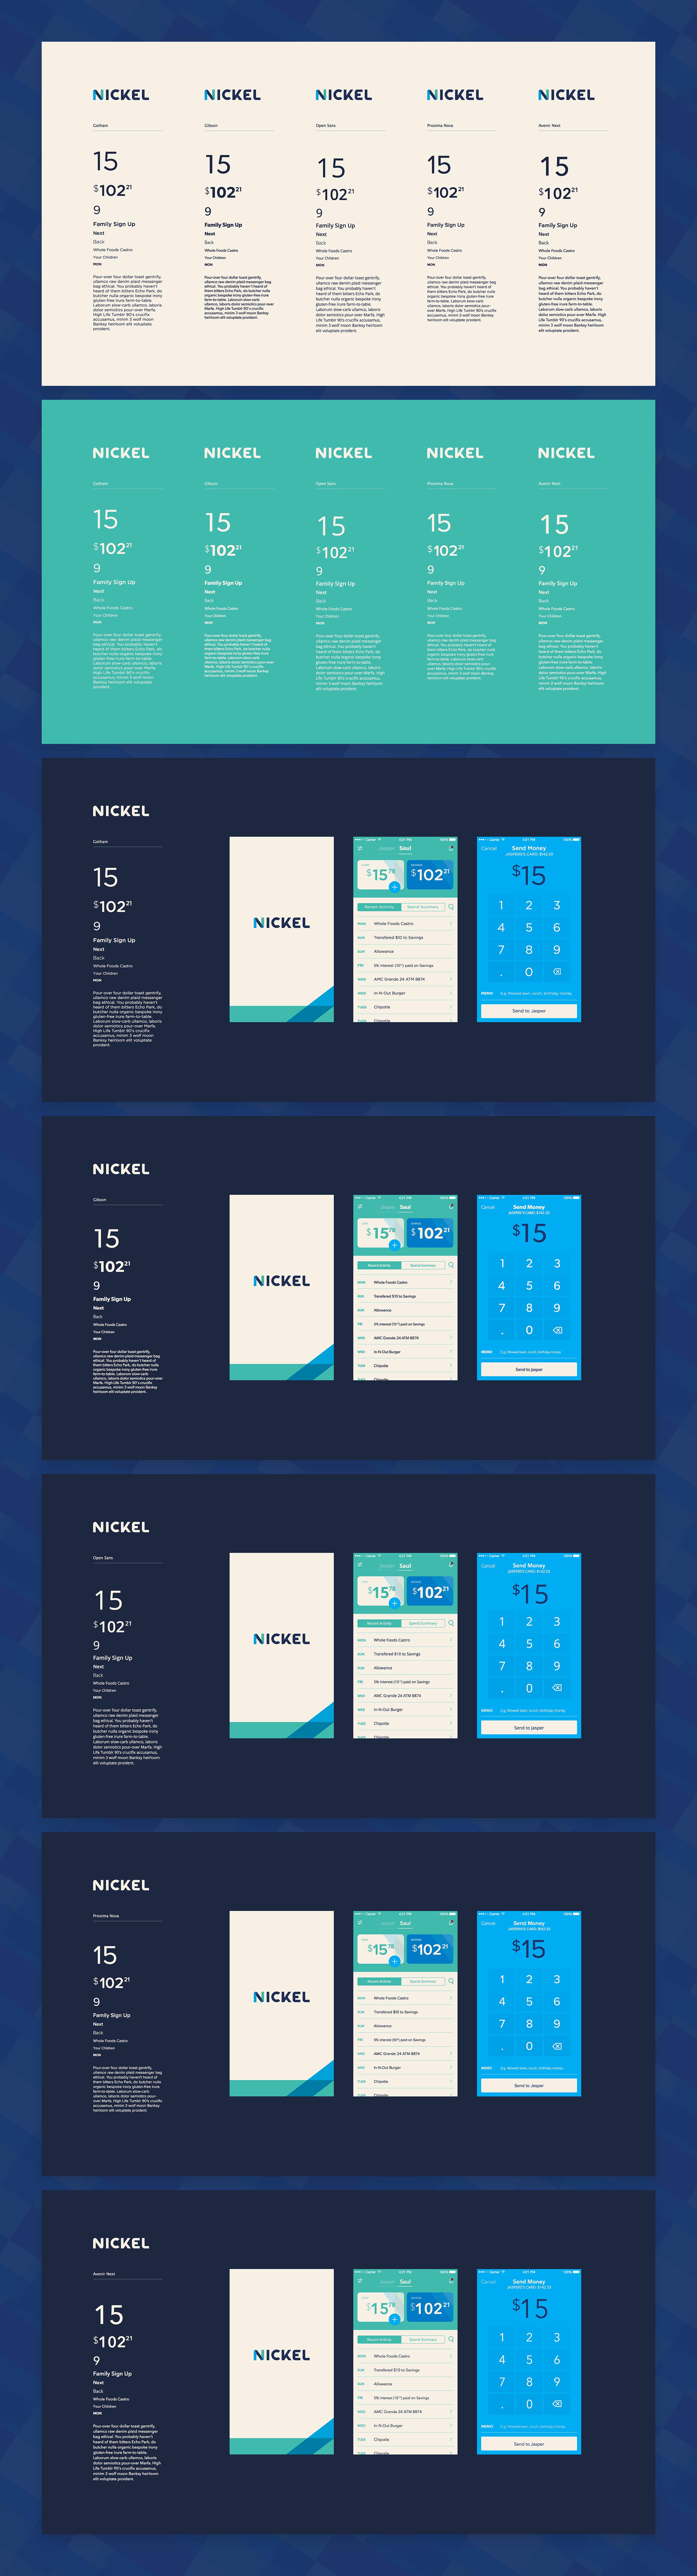 Font book spread